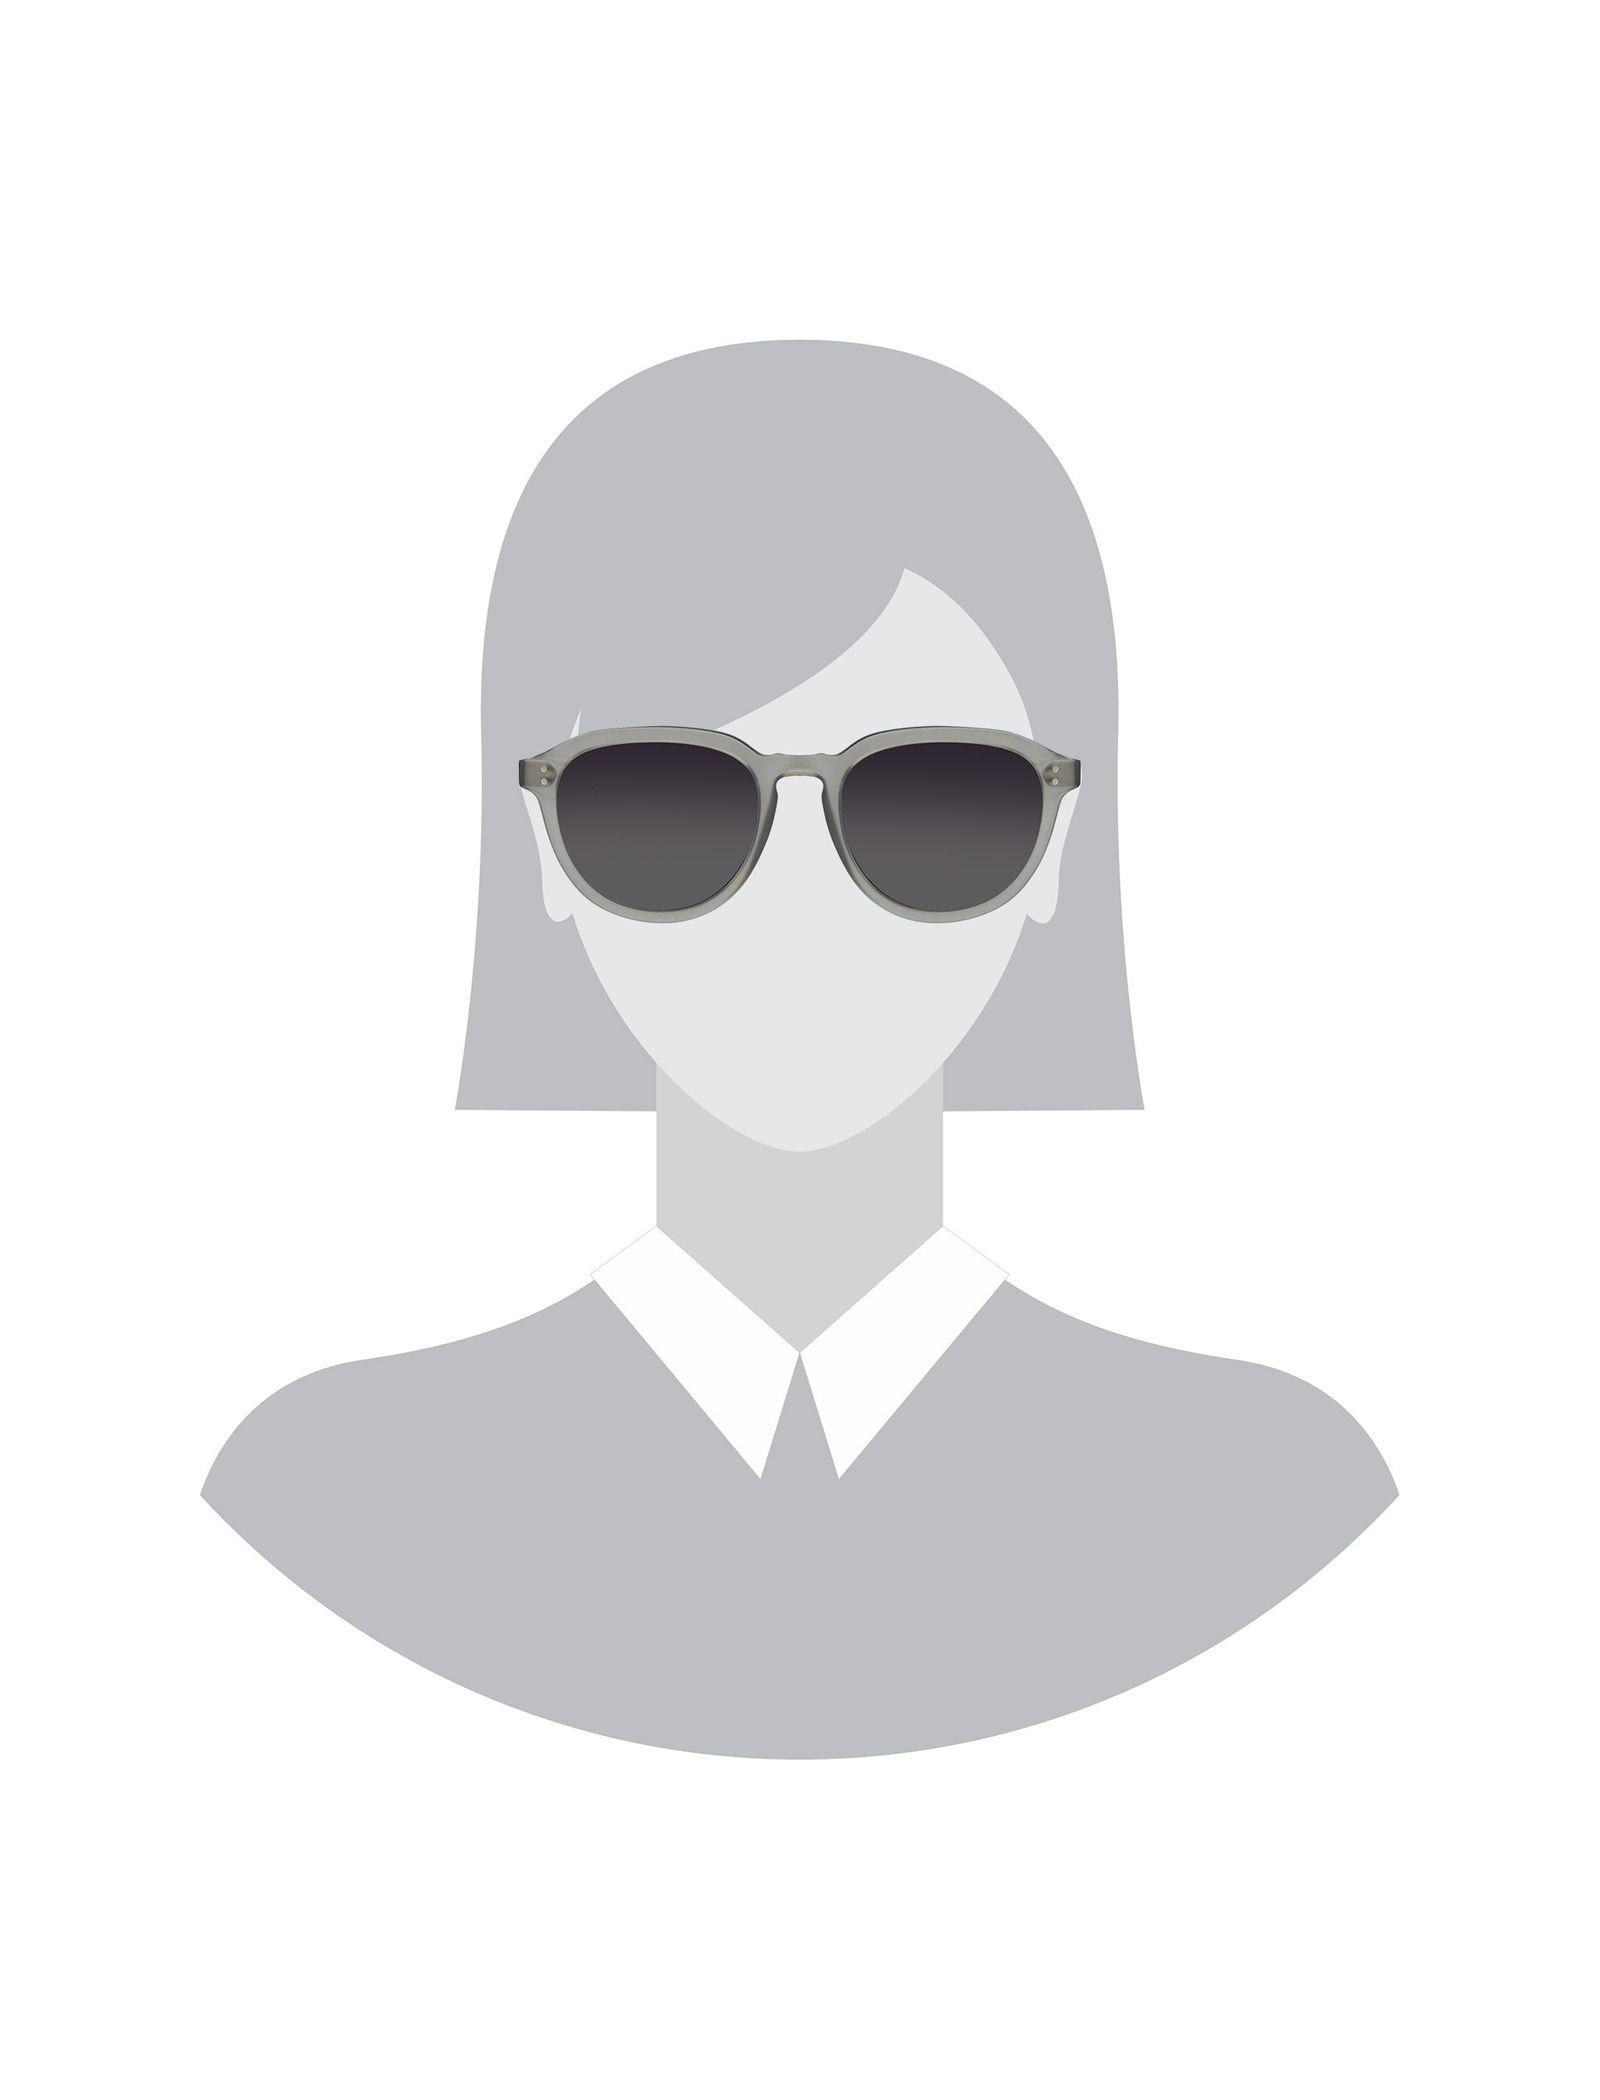 عینک آفتابی پنتوس زنانه - هکت - طوسي   - 4